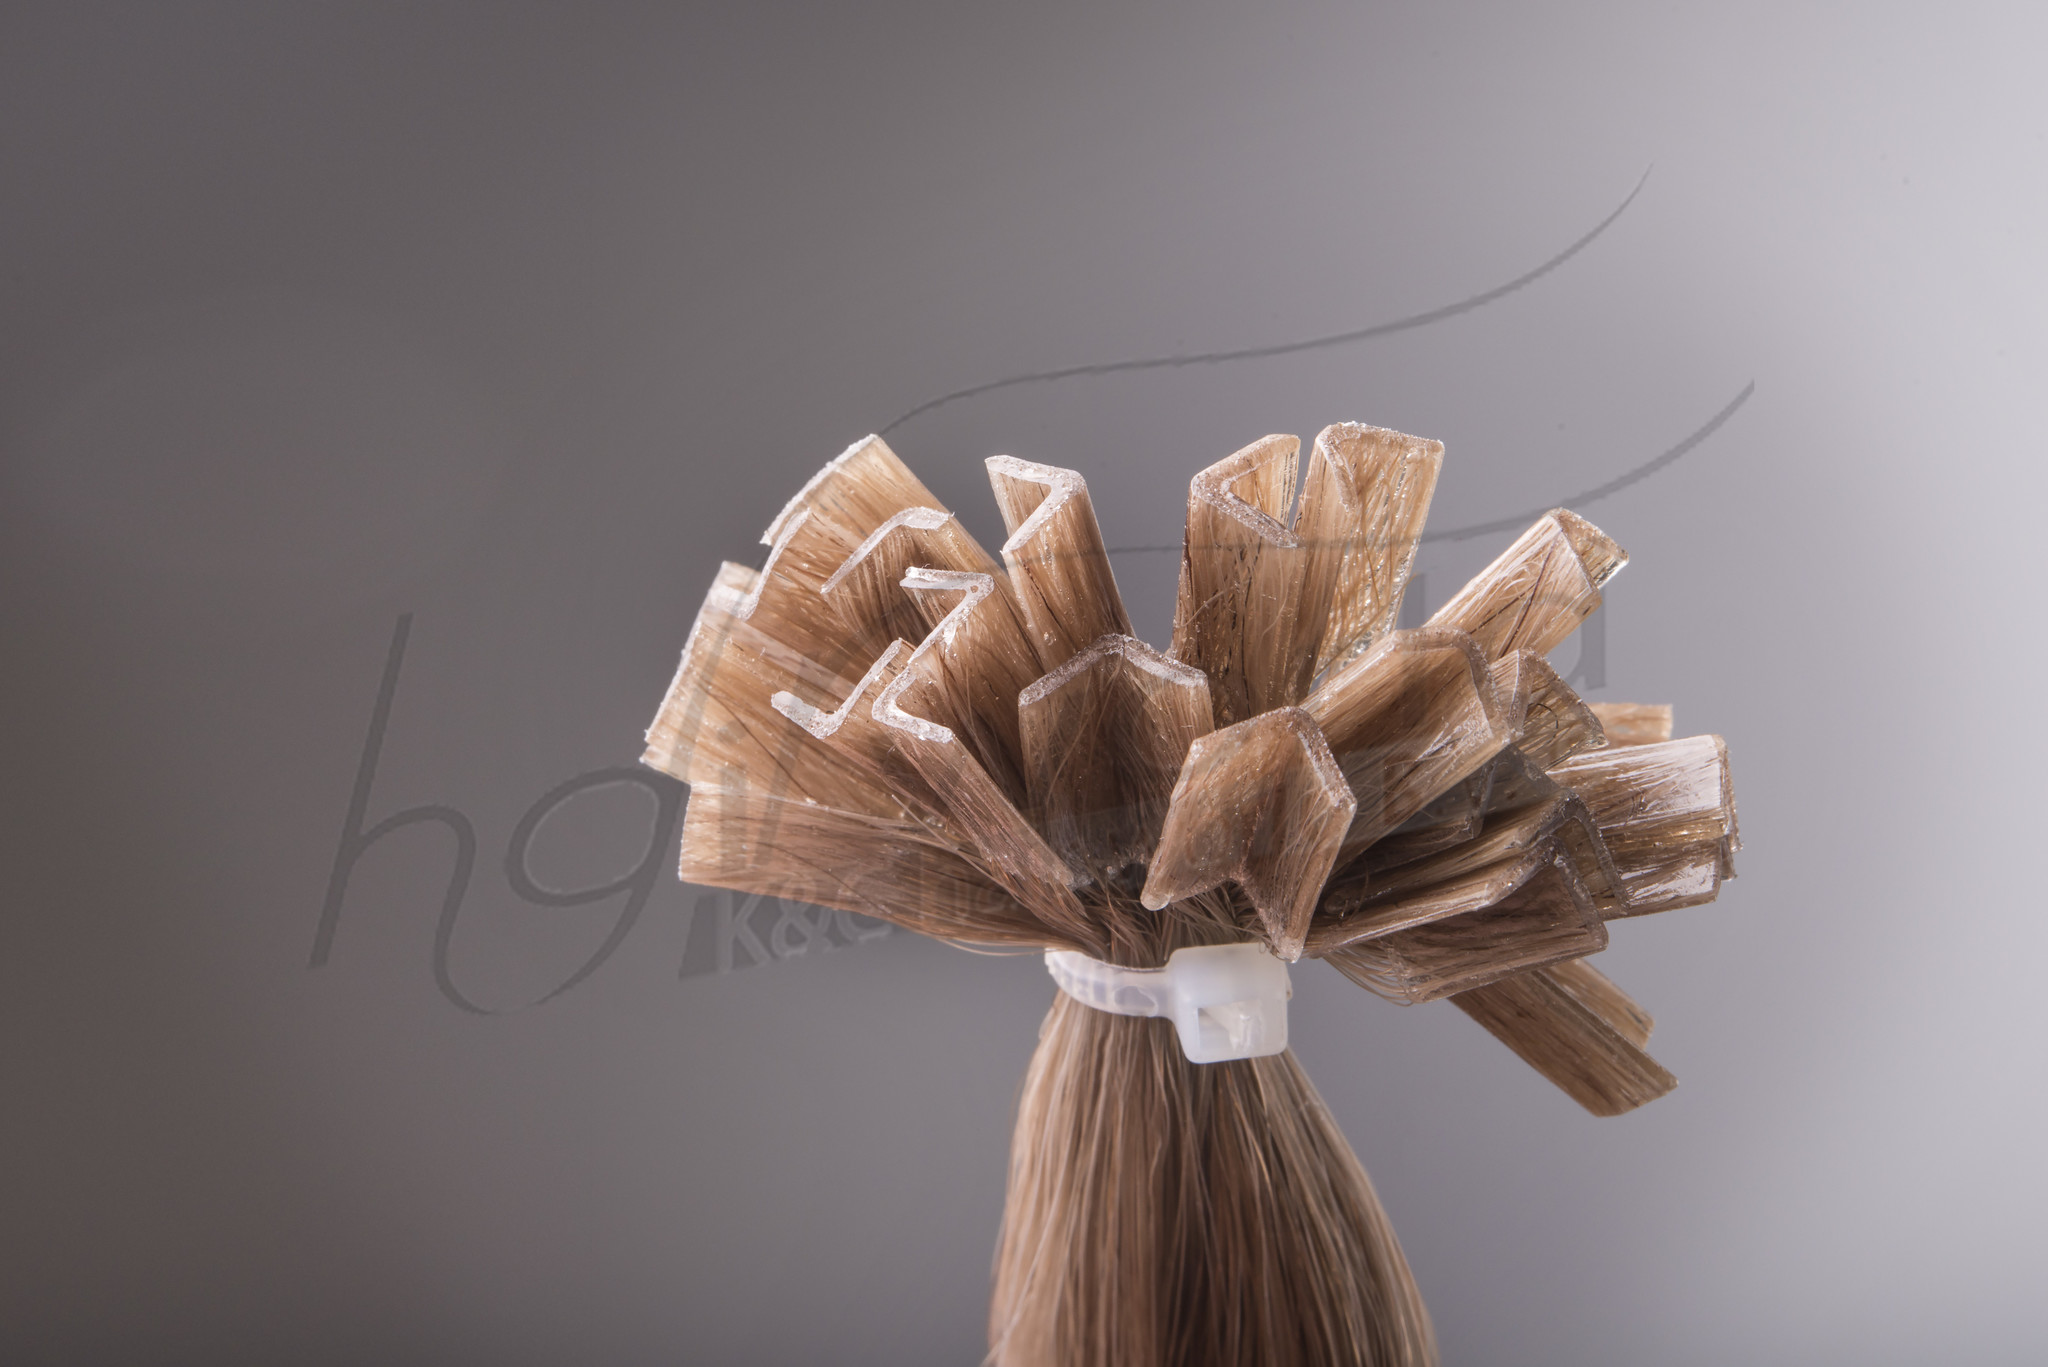 SilverFox Wax Extensions Steil #F6 Chestnut Brown